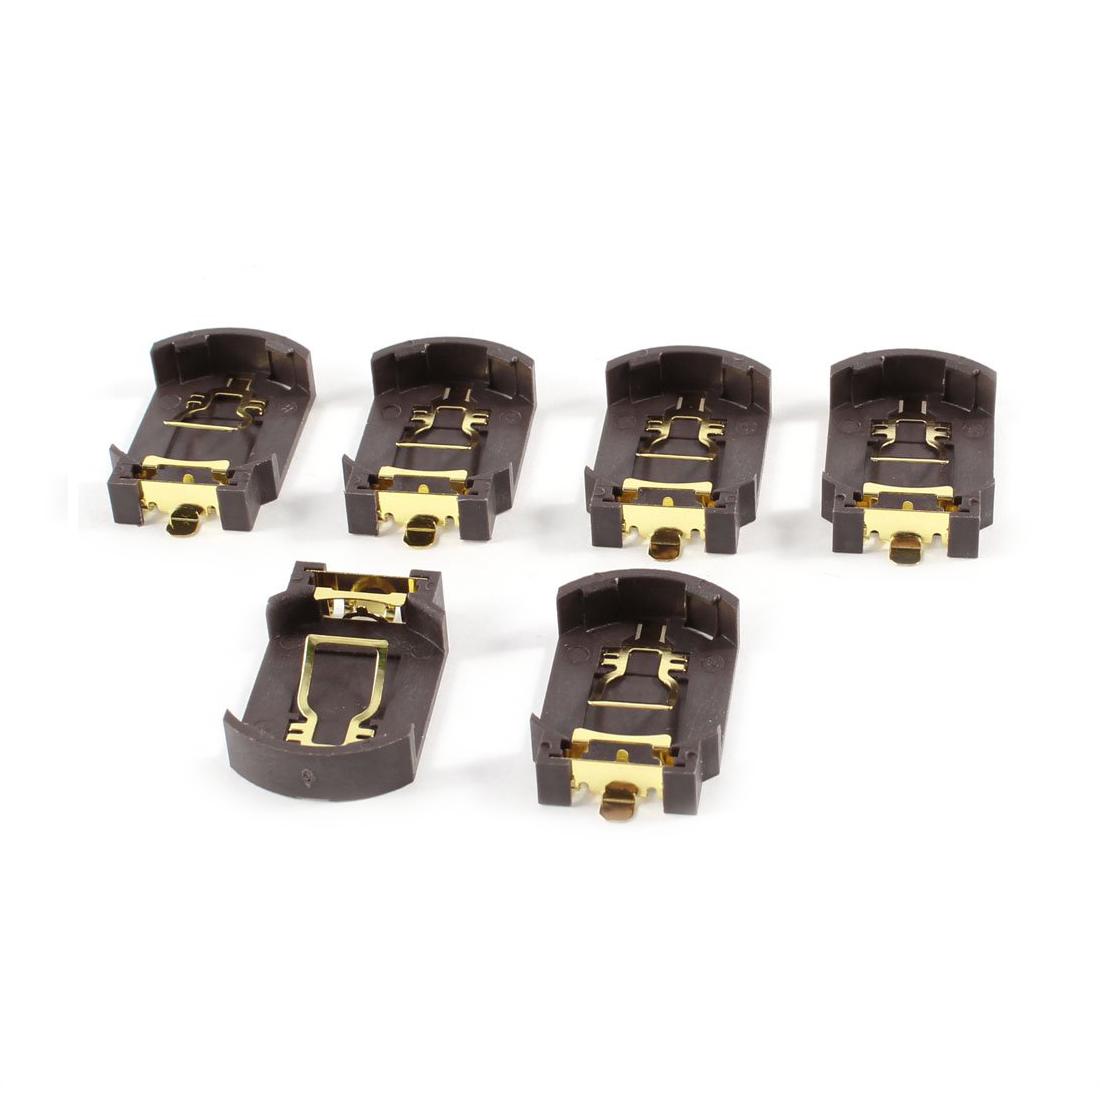 cr2032 batterie cas promotion achetez des cr2032 batterie. Black Bedroom Furniture Sets. Home Design Ideas